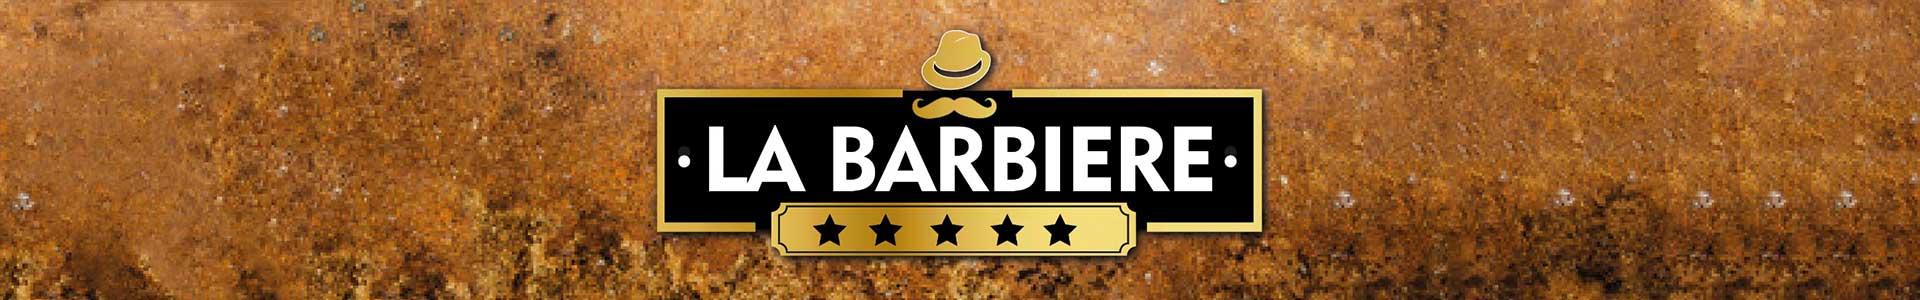 barbiere1